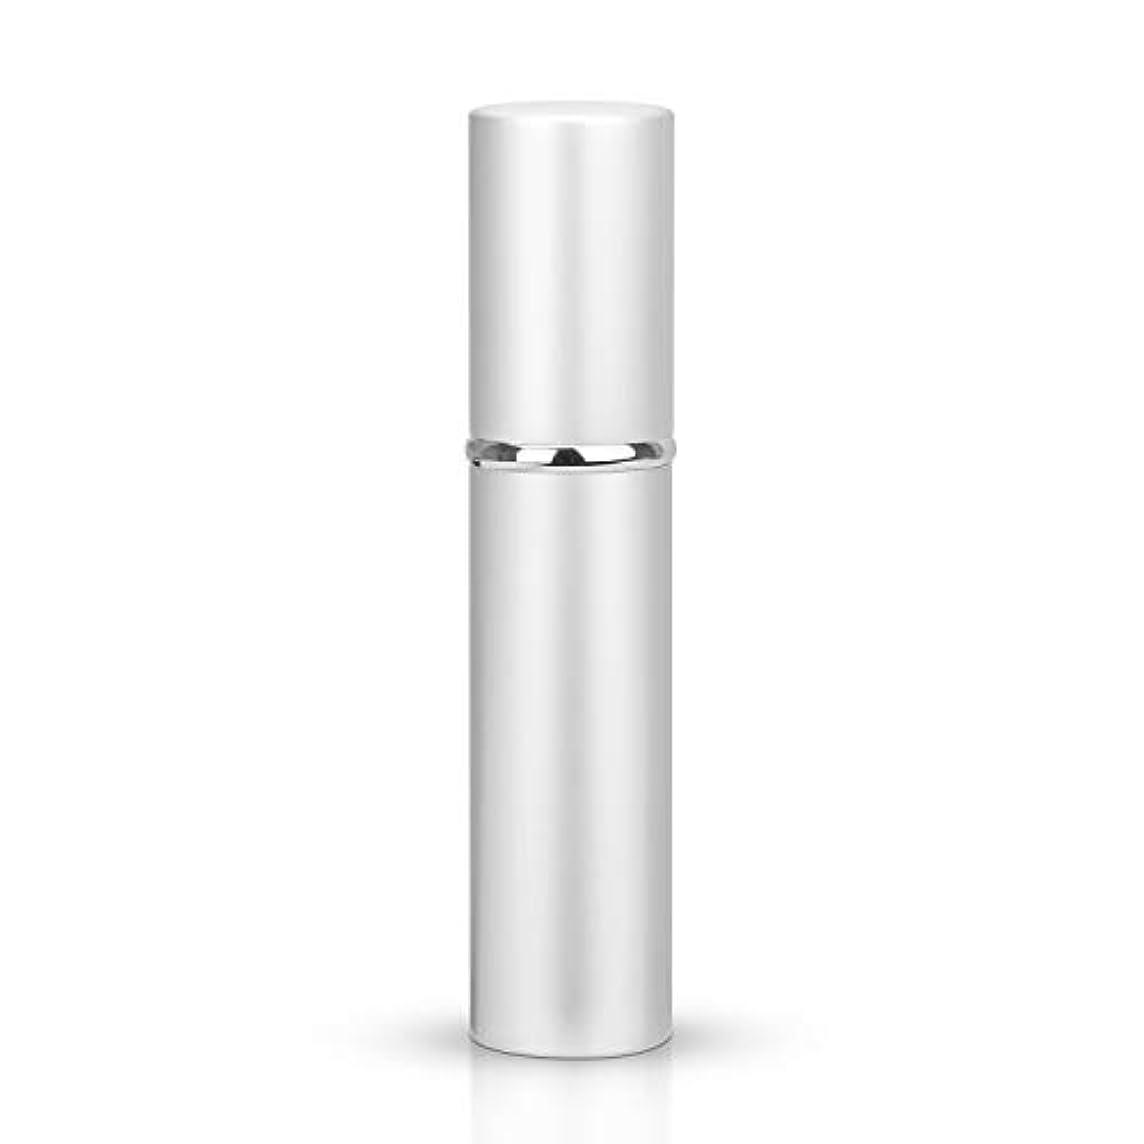 他のバンドで求める地殻Louischanzl アトマイザー 香水スプレー 噴霧器 詰め替え容器 底部充填方式 携帯用5ml (Silver-シルバー)